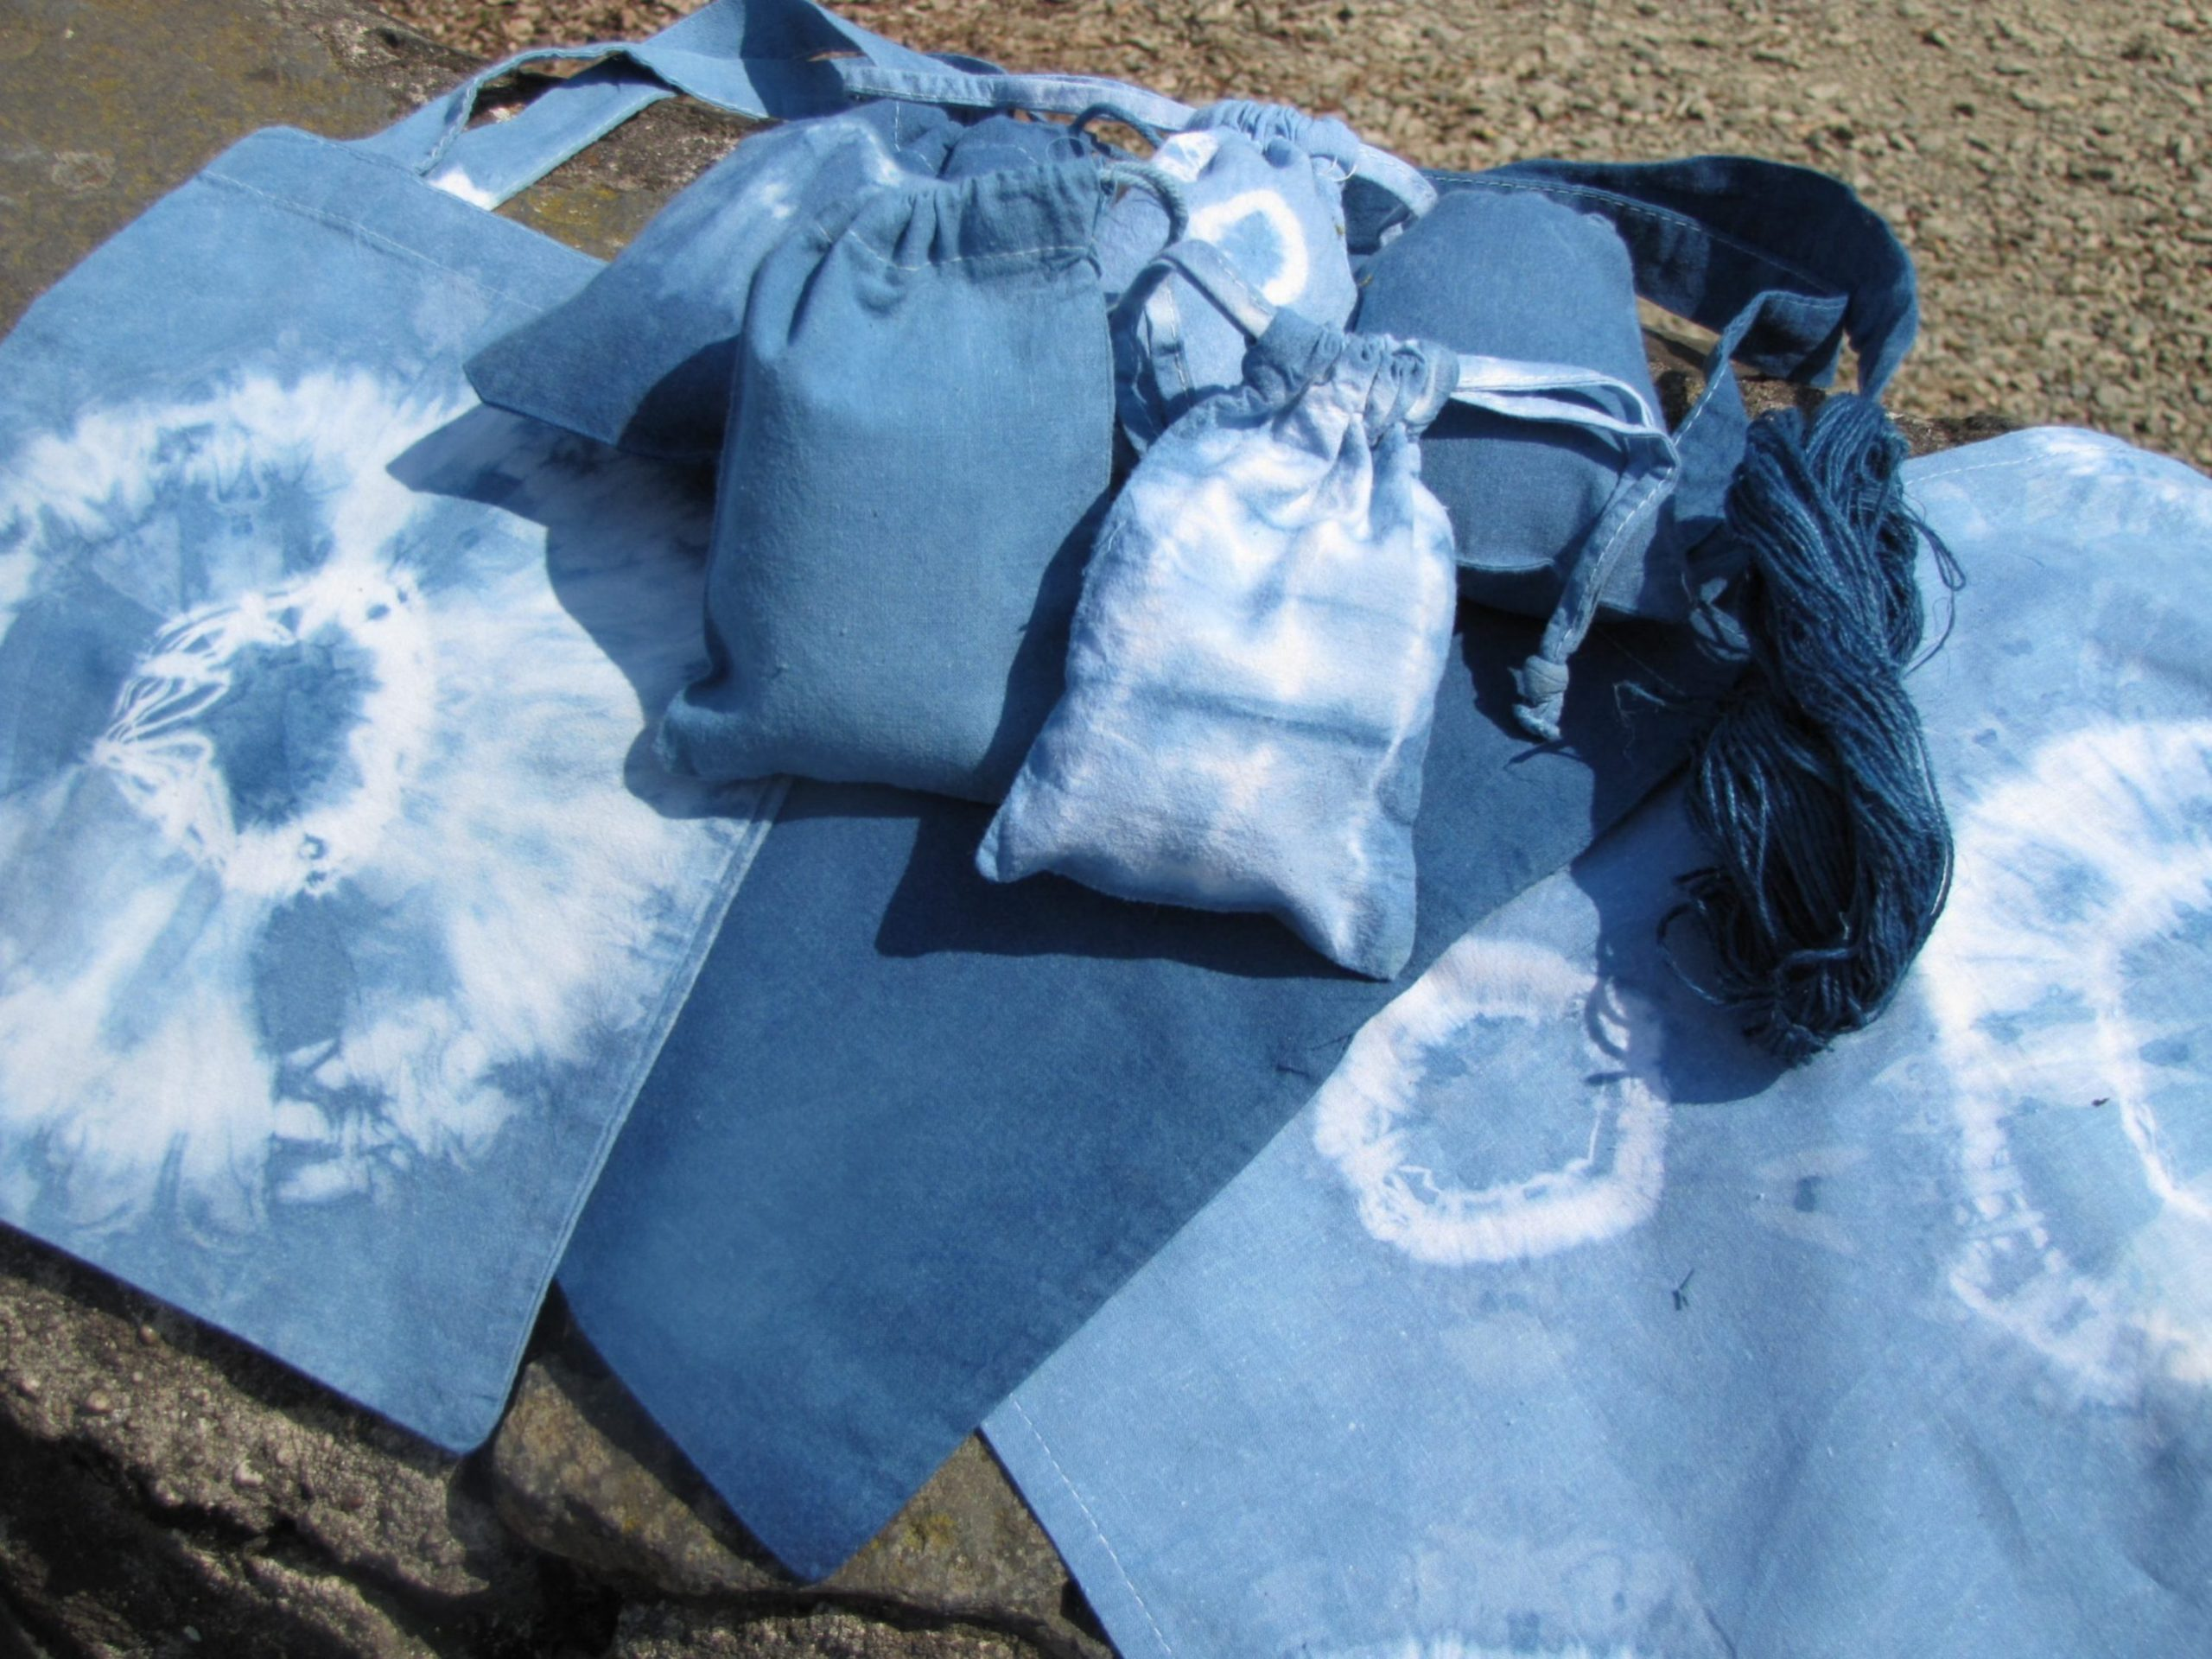 Kleine Taschen und Säckchen nach dem Blaufärben